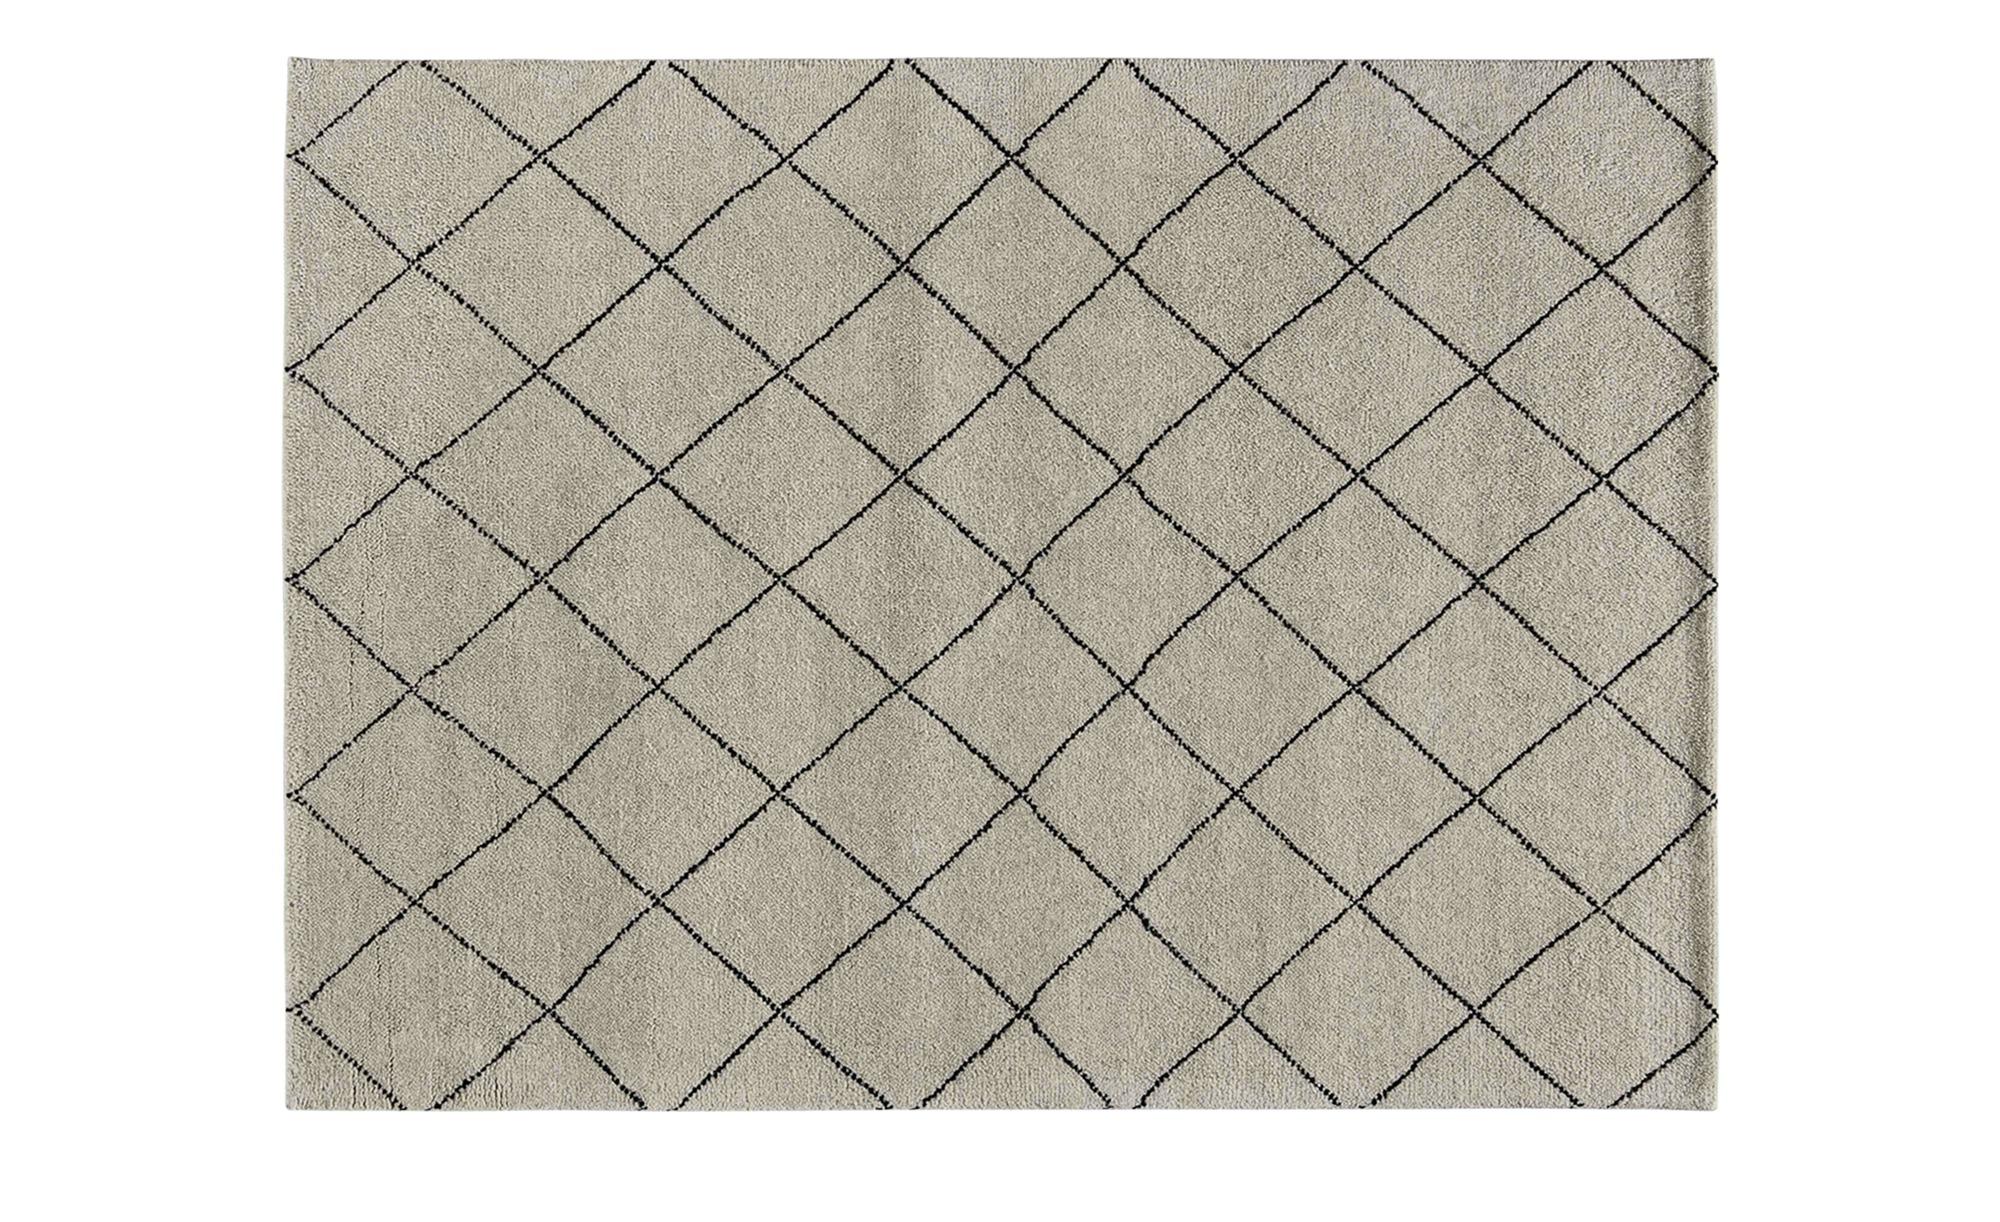 Berber-Teppich  Marrakesh Design simple ¦ grau ¦ reine Wolle, Wolle ¦ Maße (cm): B: 120 Teppiche > Wohnteppiche > Naturteppiche - Höffner | Heimtextilien > Teppiche > Berberteppiche | Möbel Höffner DE